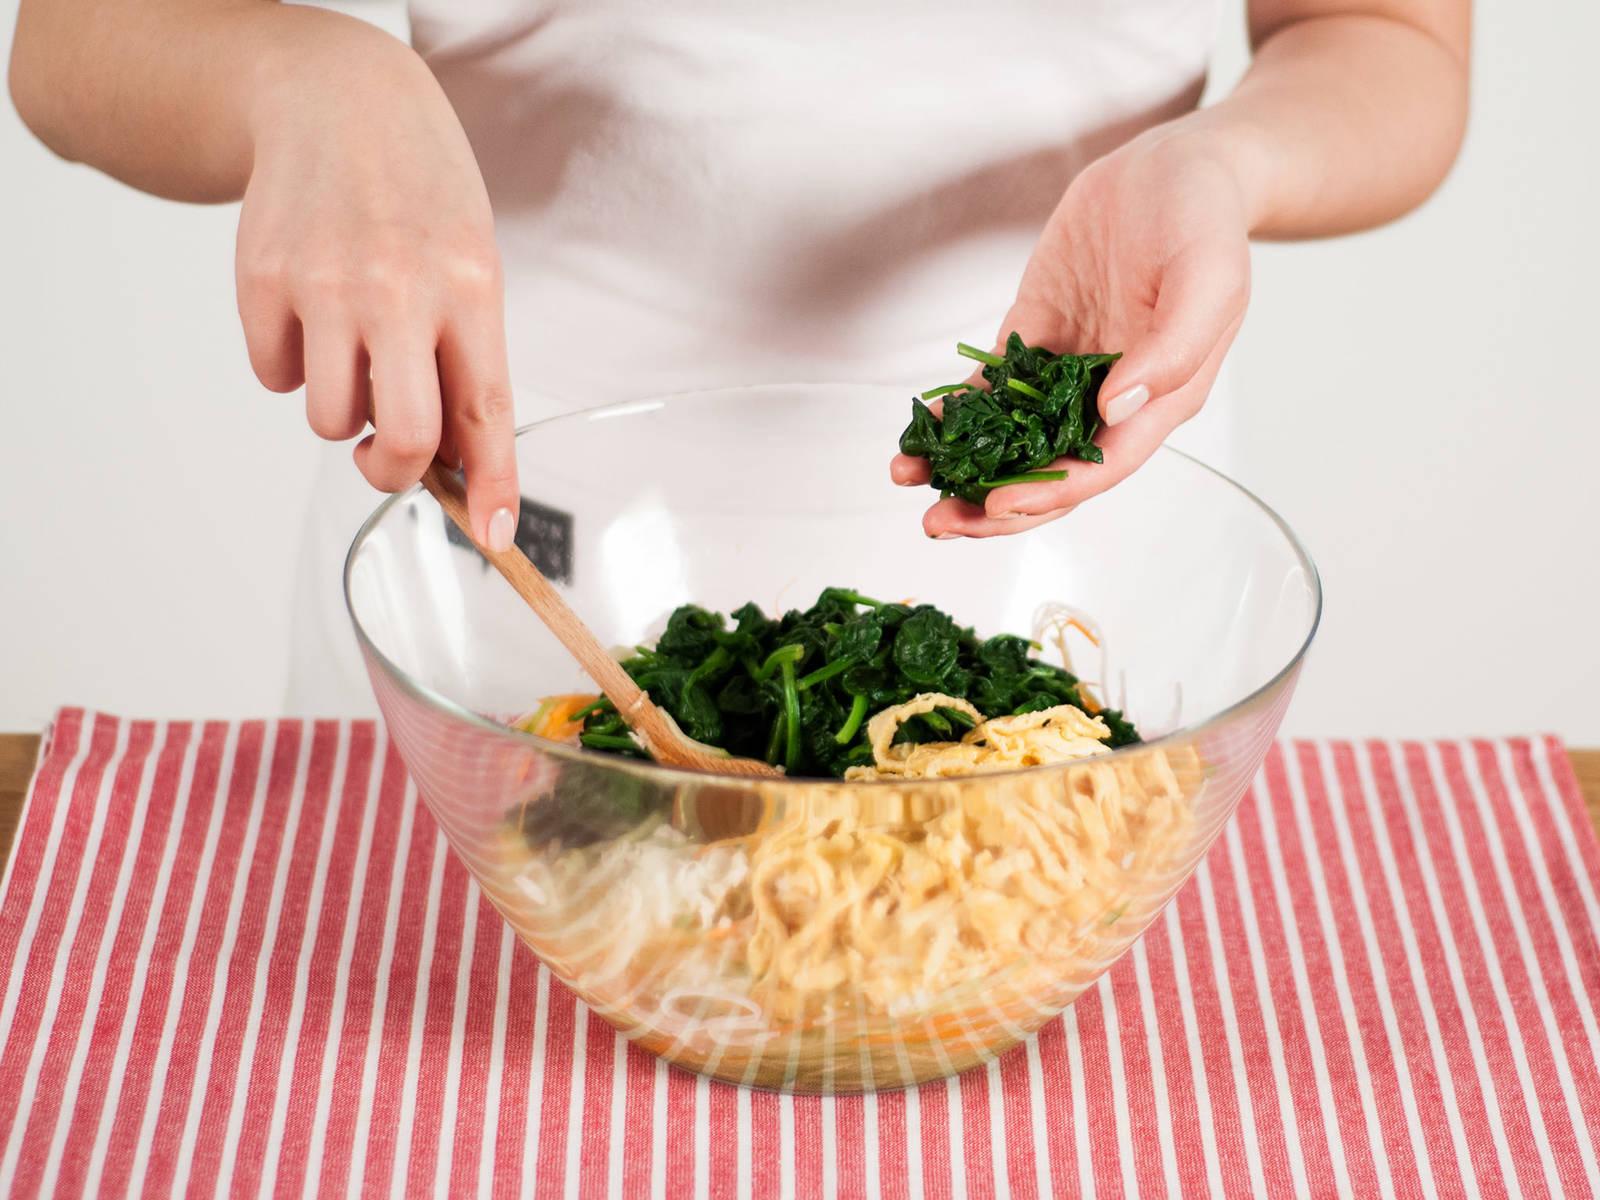 加入切好的菠菜和鸡蛋。轻轻搅拌后可作为开胃菜或配菜享用。